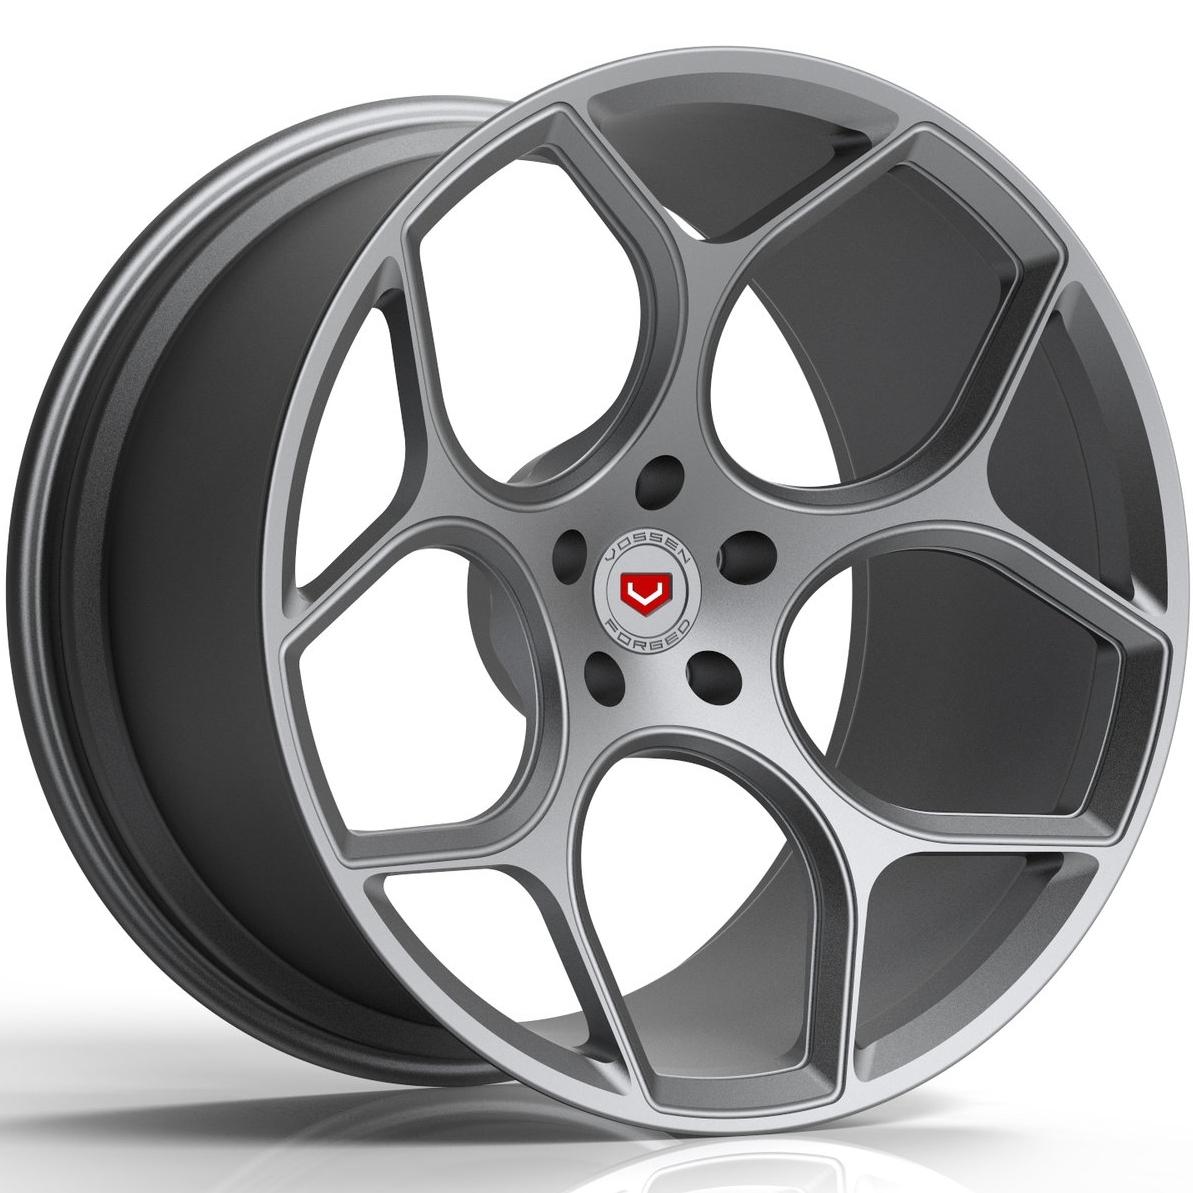 VossenForged-CG-Wheel Reflection-205.jpg